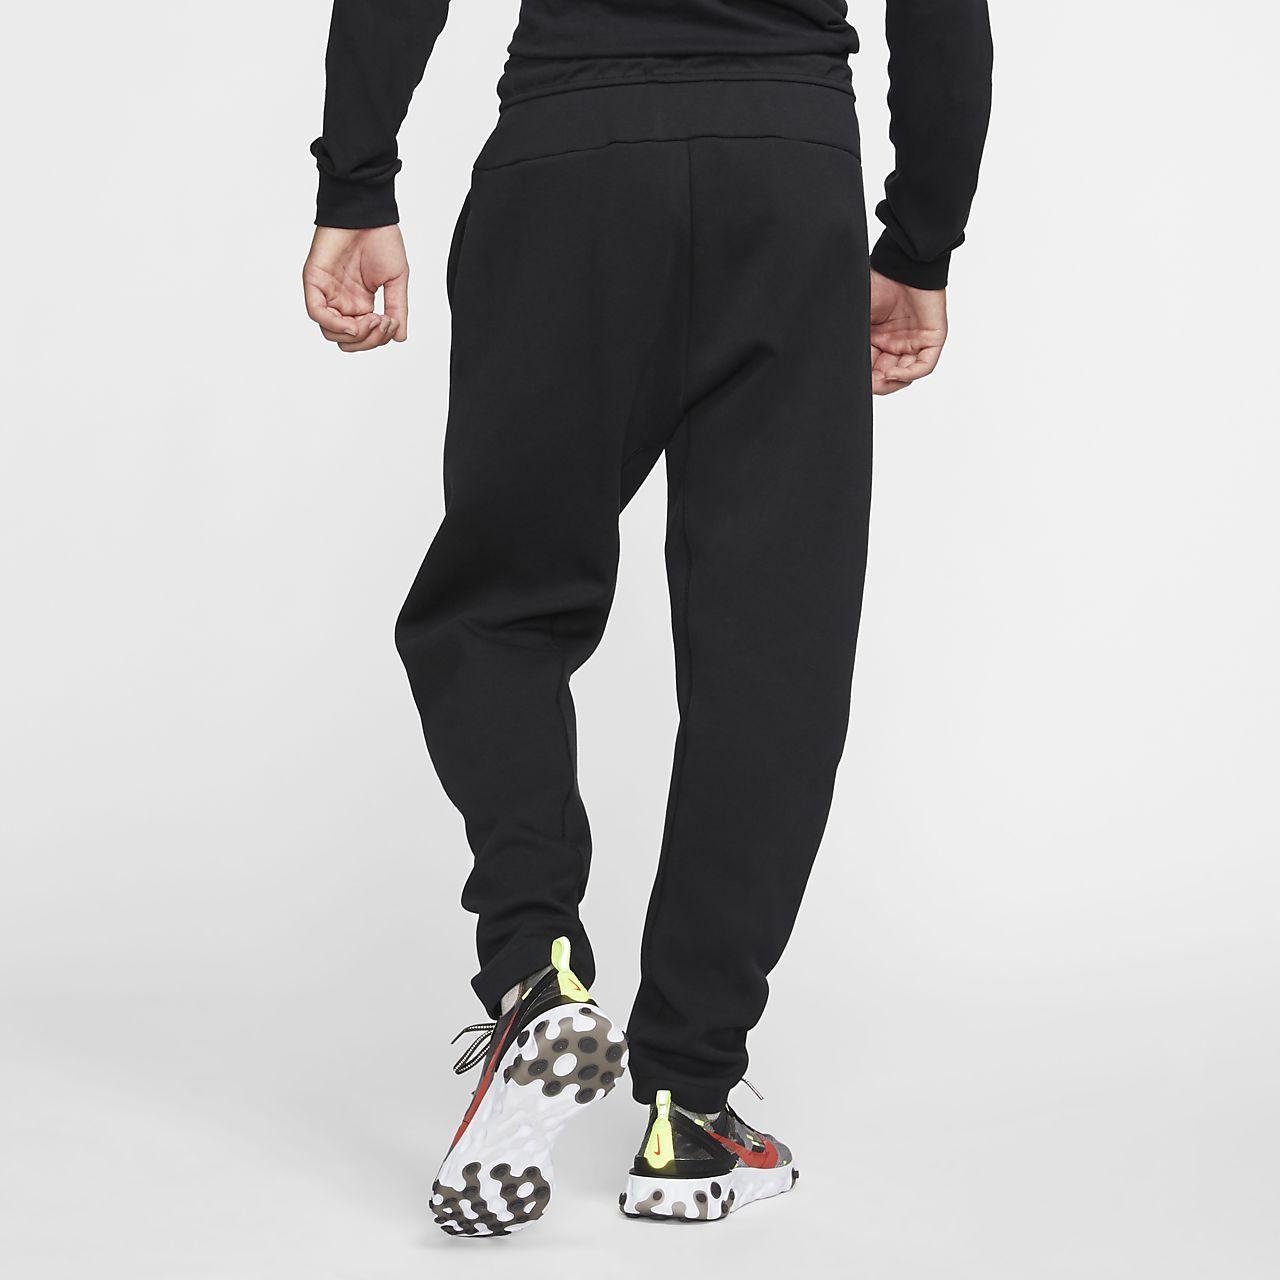 54b970c3abef Nike Sportswear Tech Fleece Men s Trousers. Nike.com LU